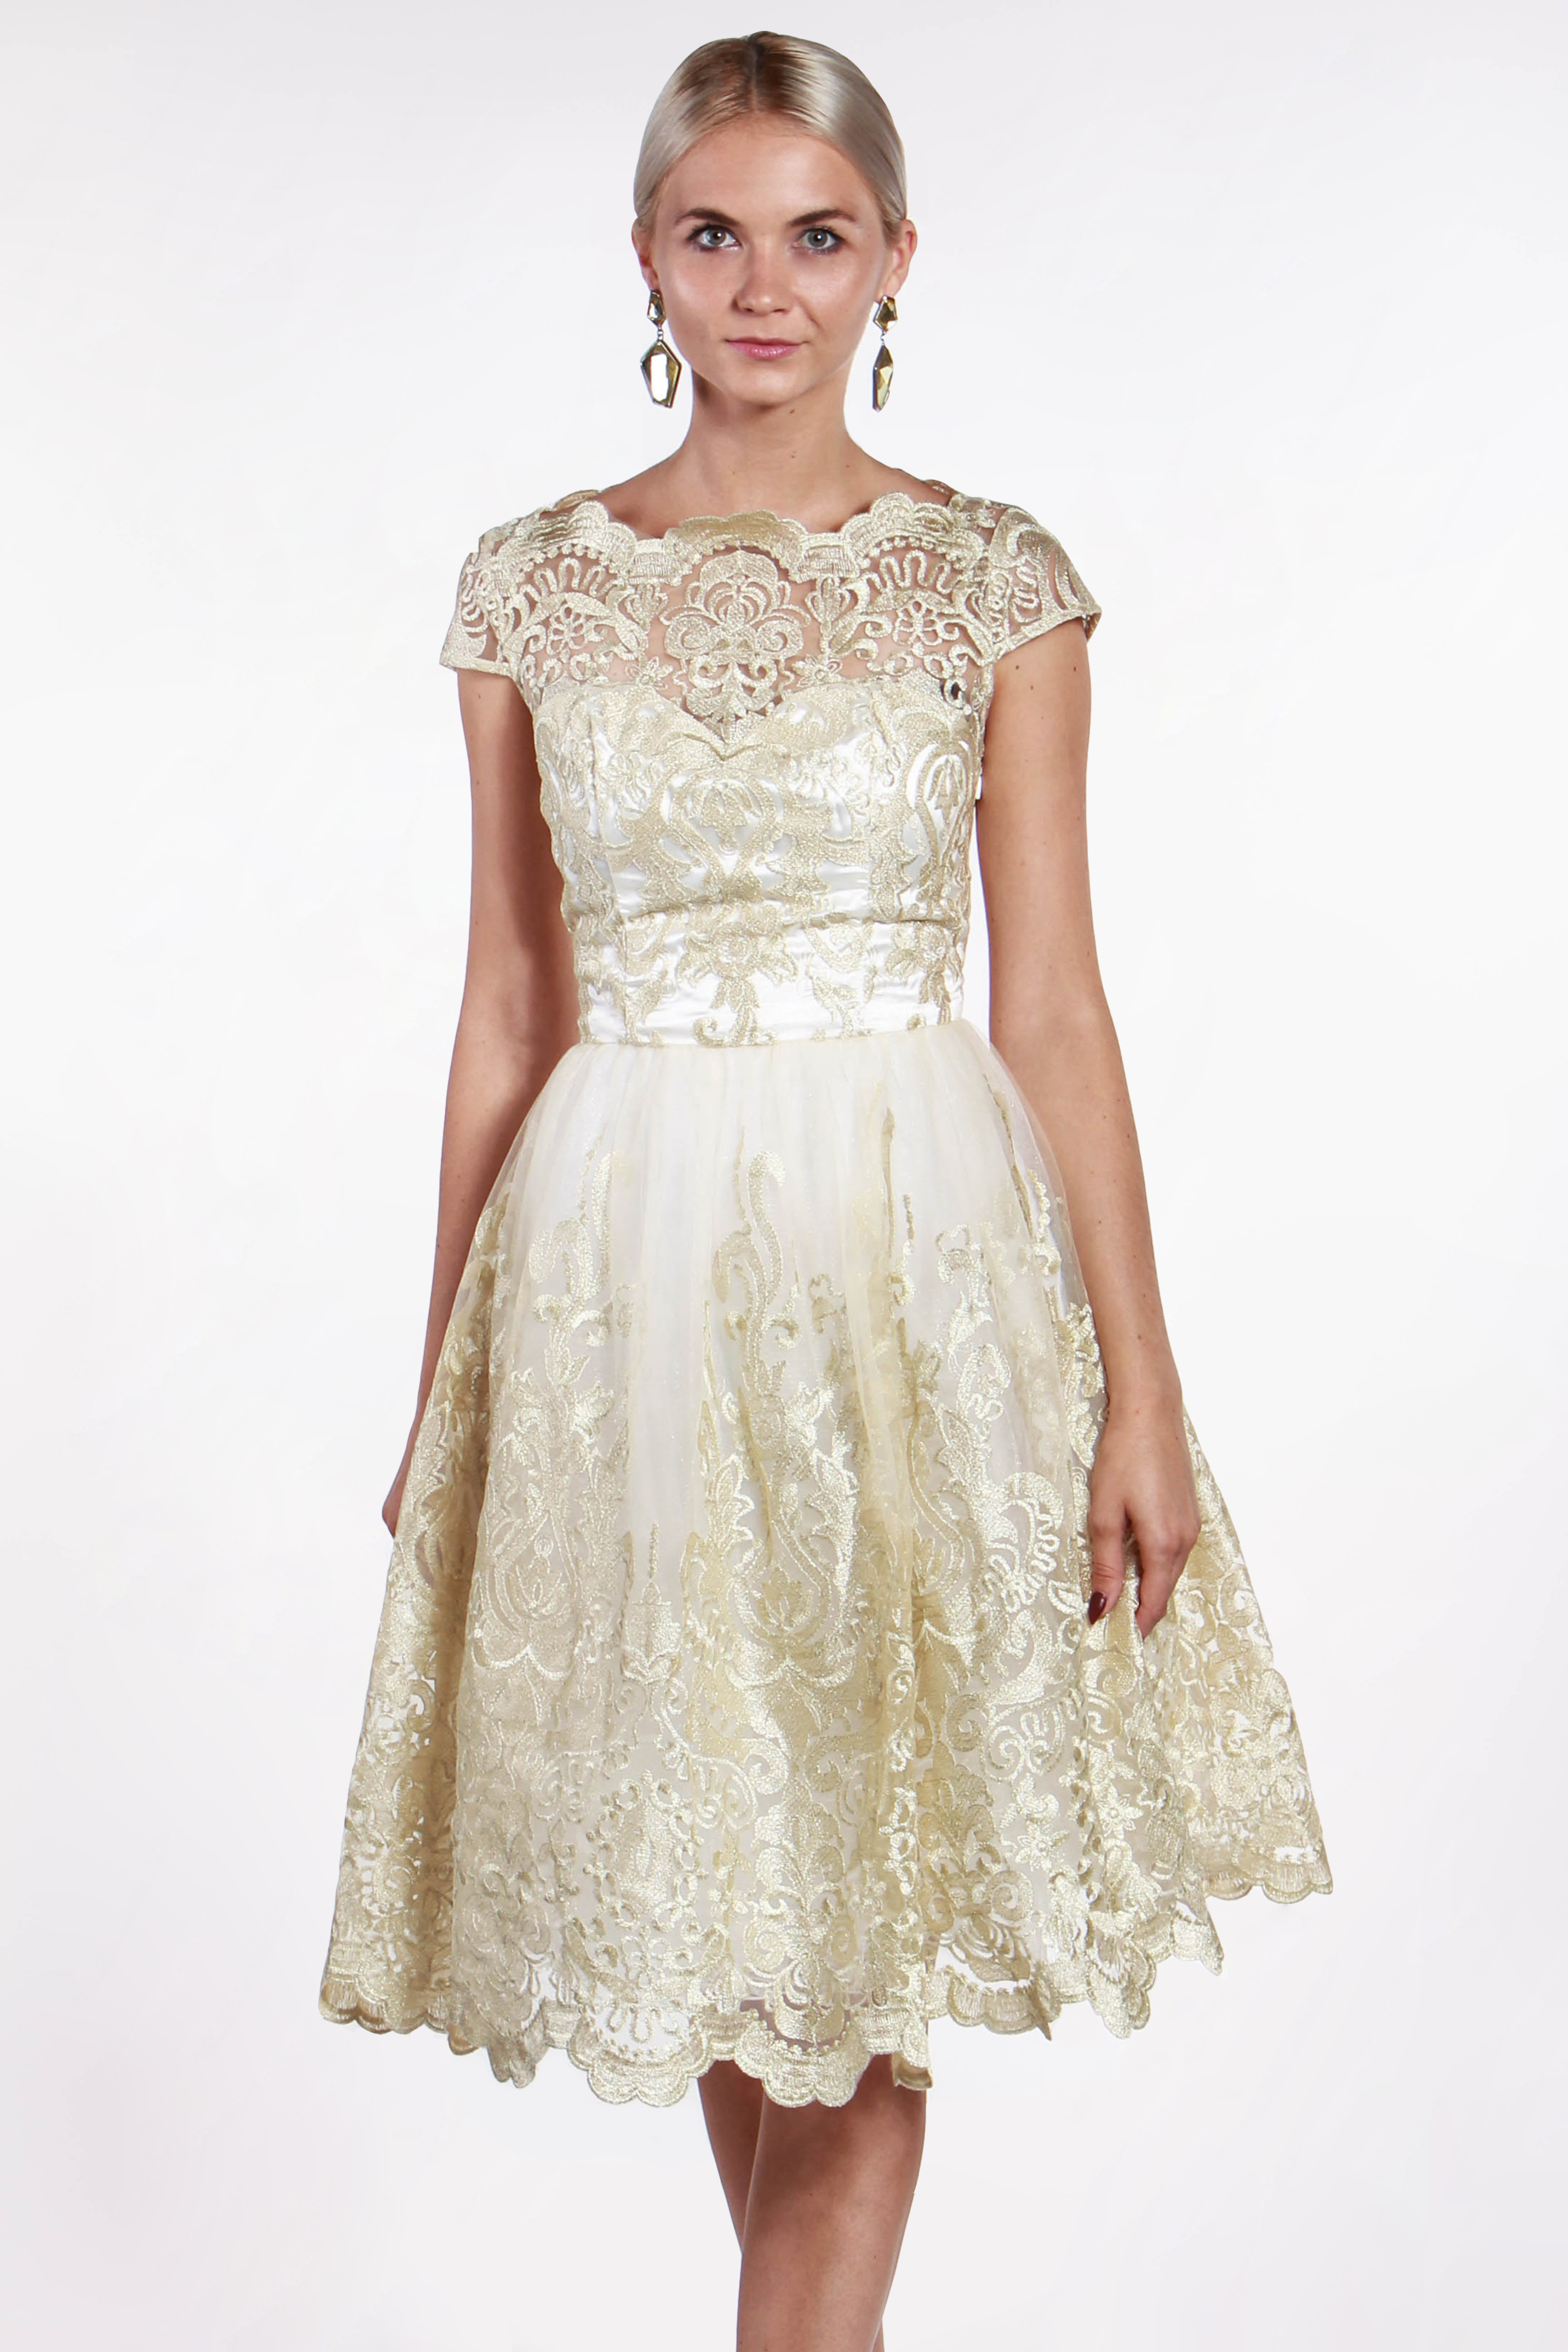 obrázok 1 Chi-Chi London béžovo-zlaté čipkované šaty 0bad2c2e6d6